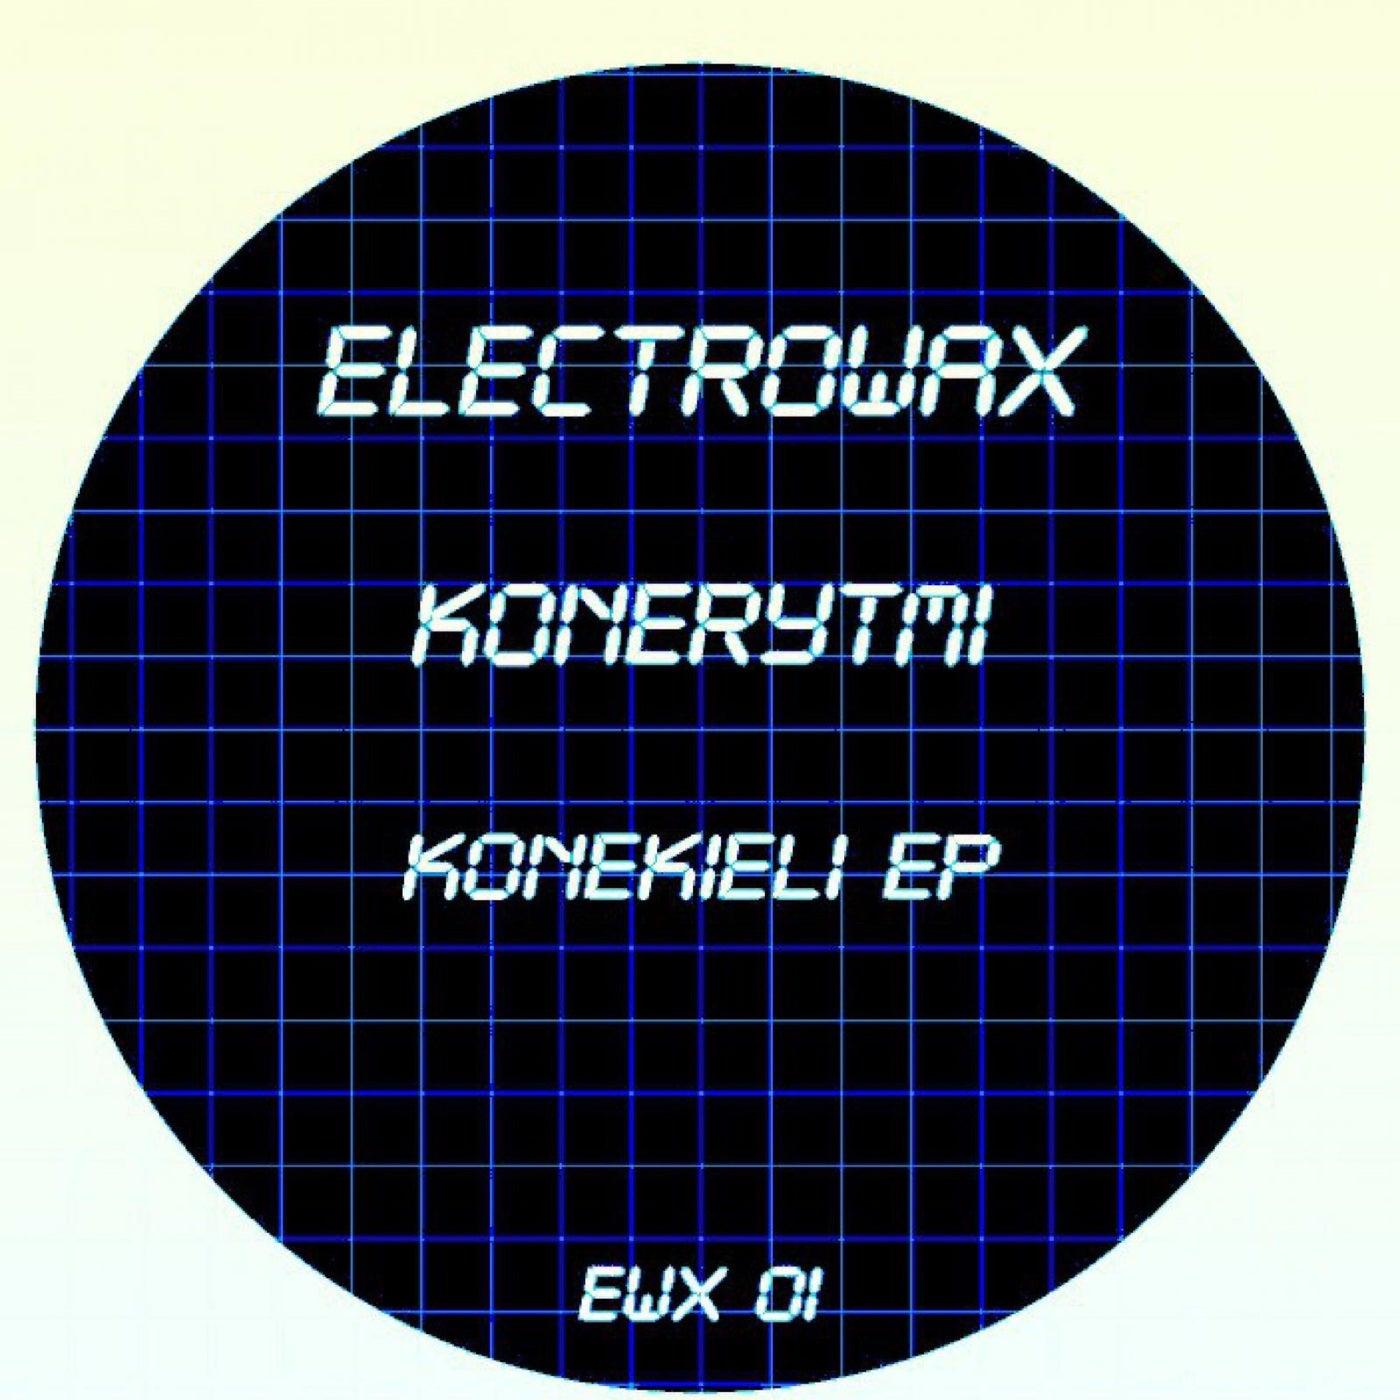 Yokilpailu (Original Mix)